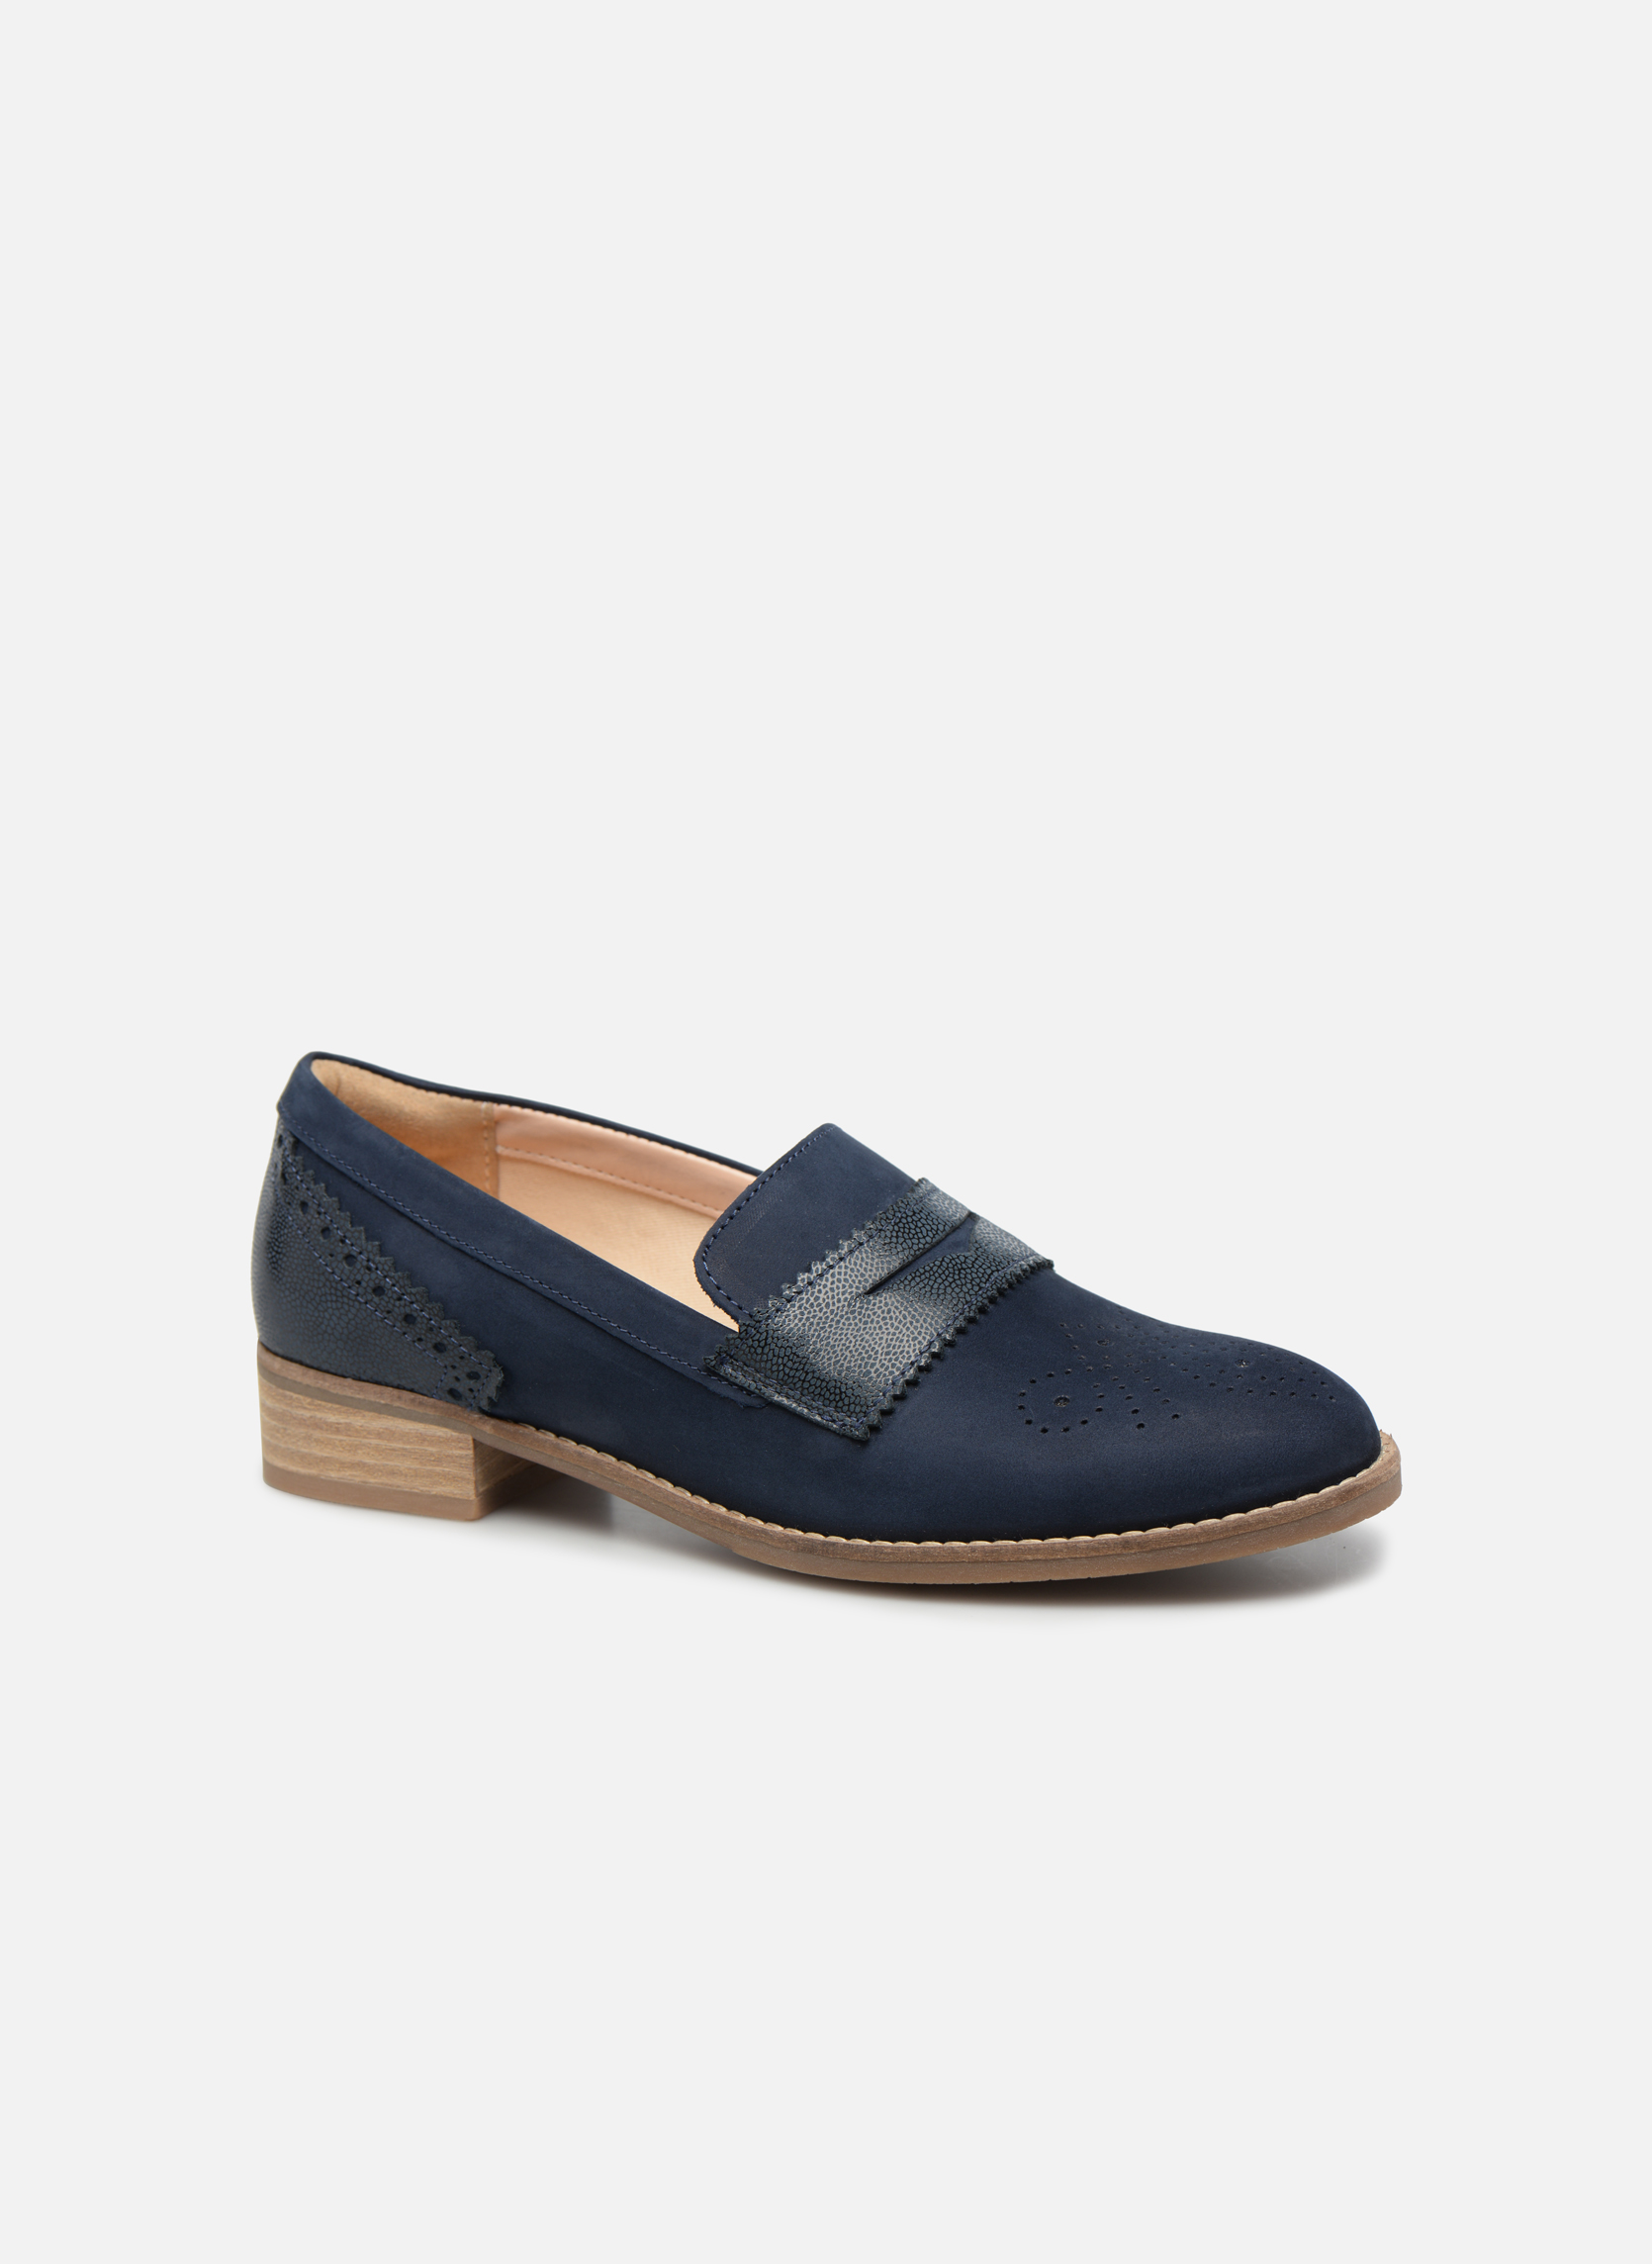 Grandes descuentos últimos zapatos Clarks Netley Lola (Azul) - Más Mocasines en Más - cómodo 0294be